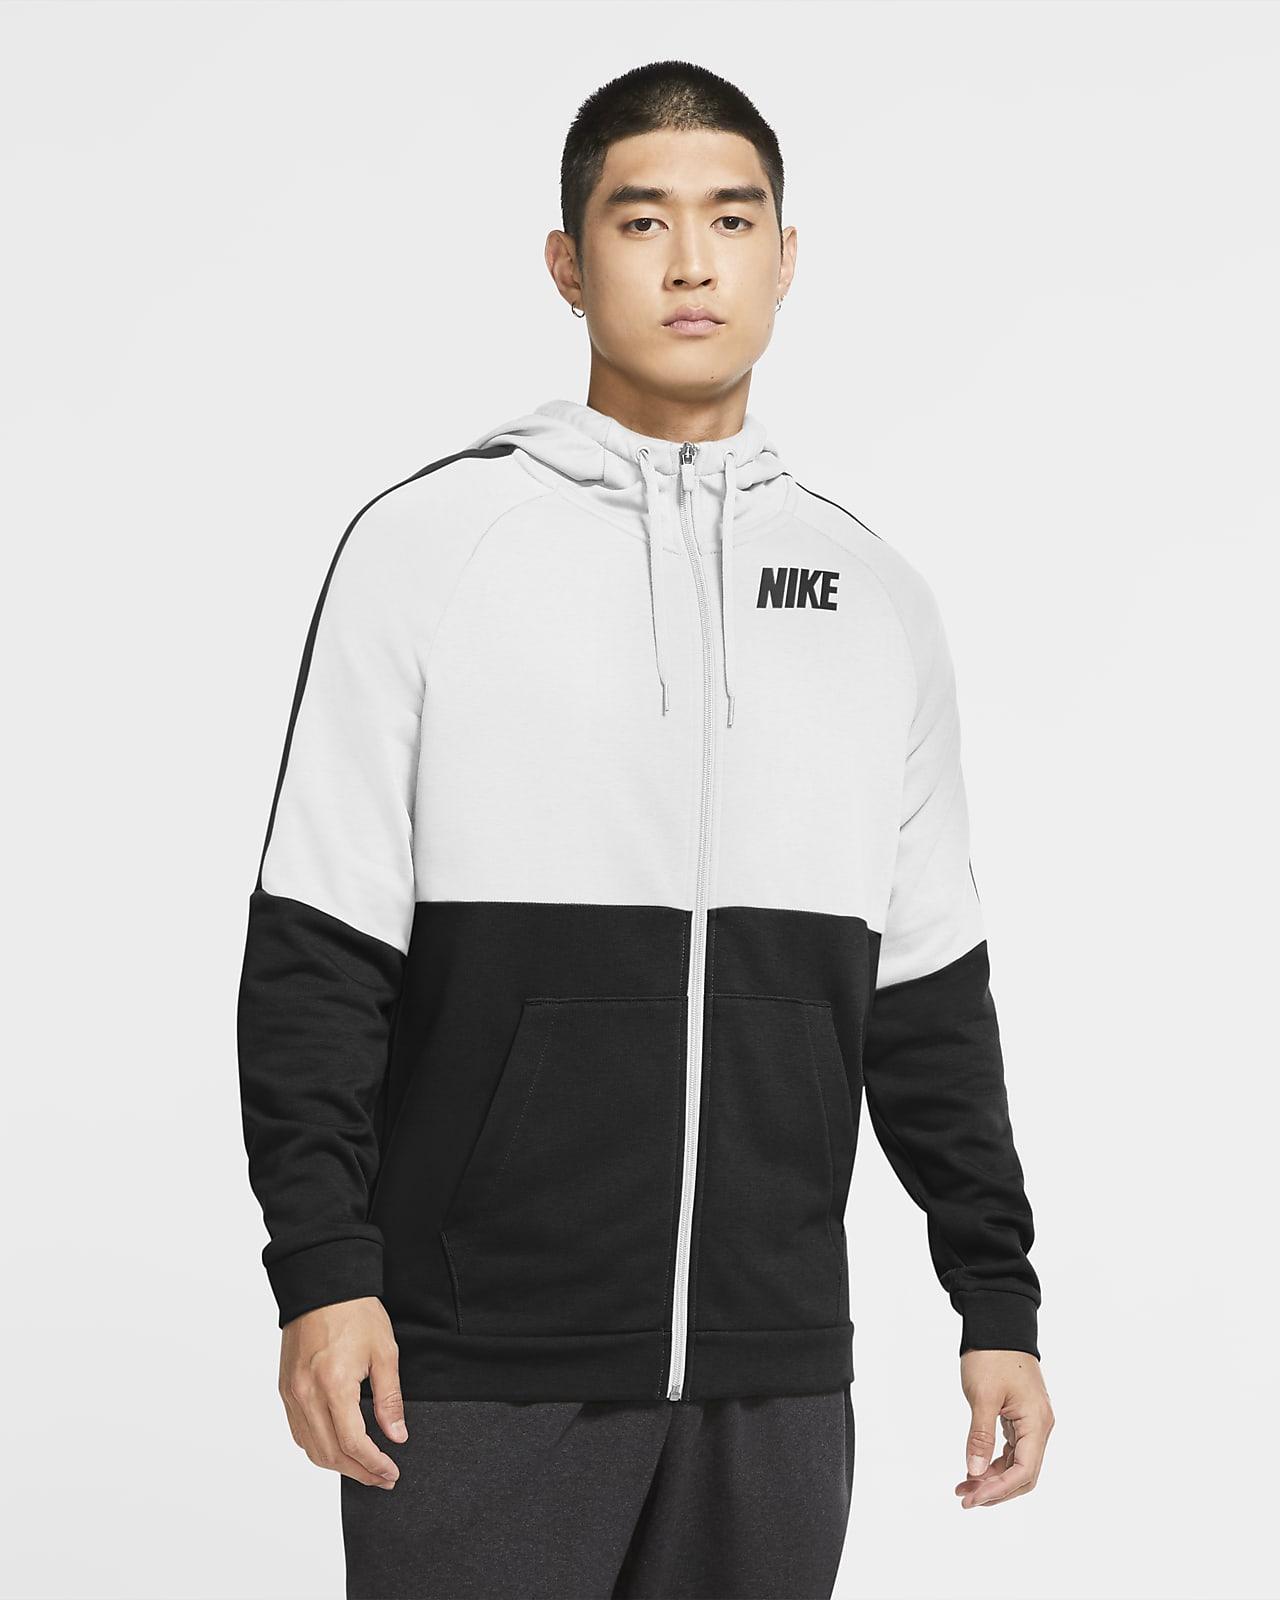 เสื้อเทรนนิ่งมีฮู้ดซิปยาวผู้ชาย Nike Dri-FIT